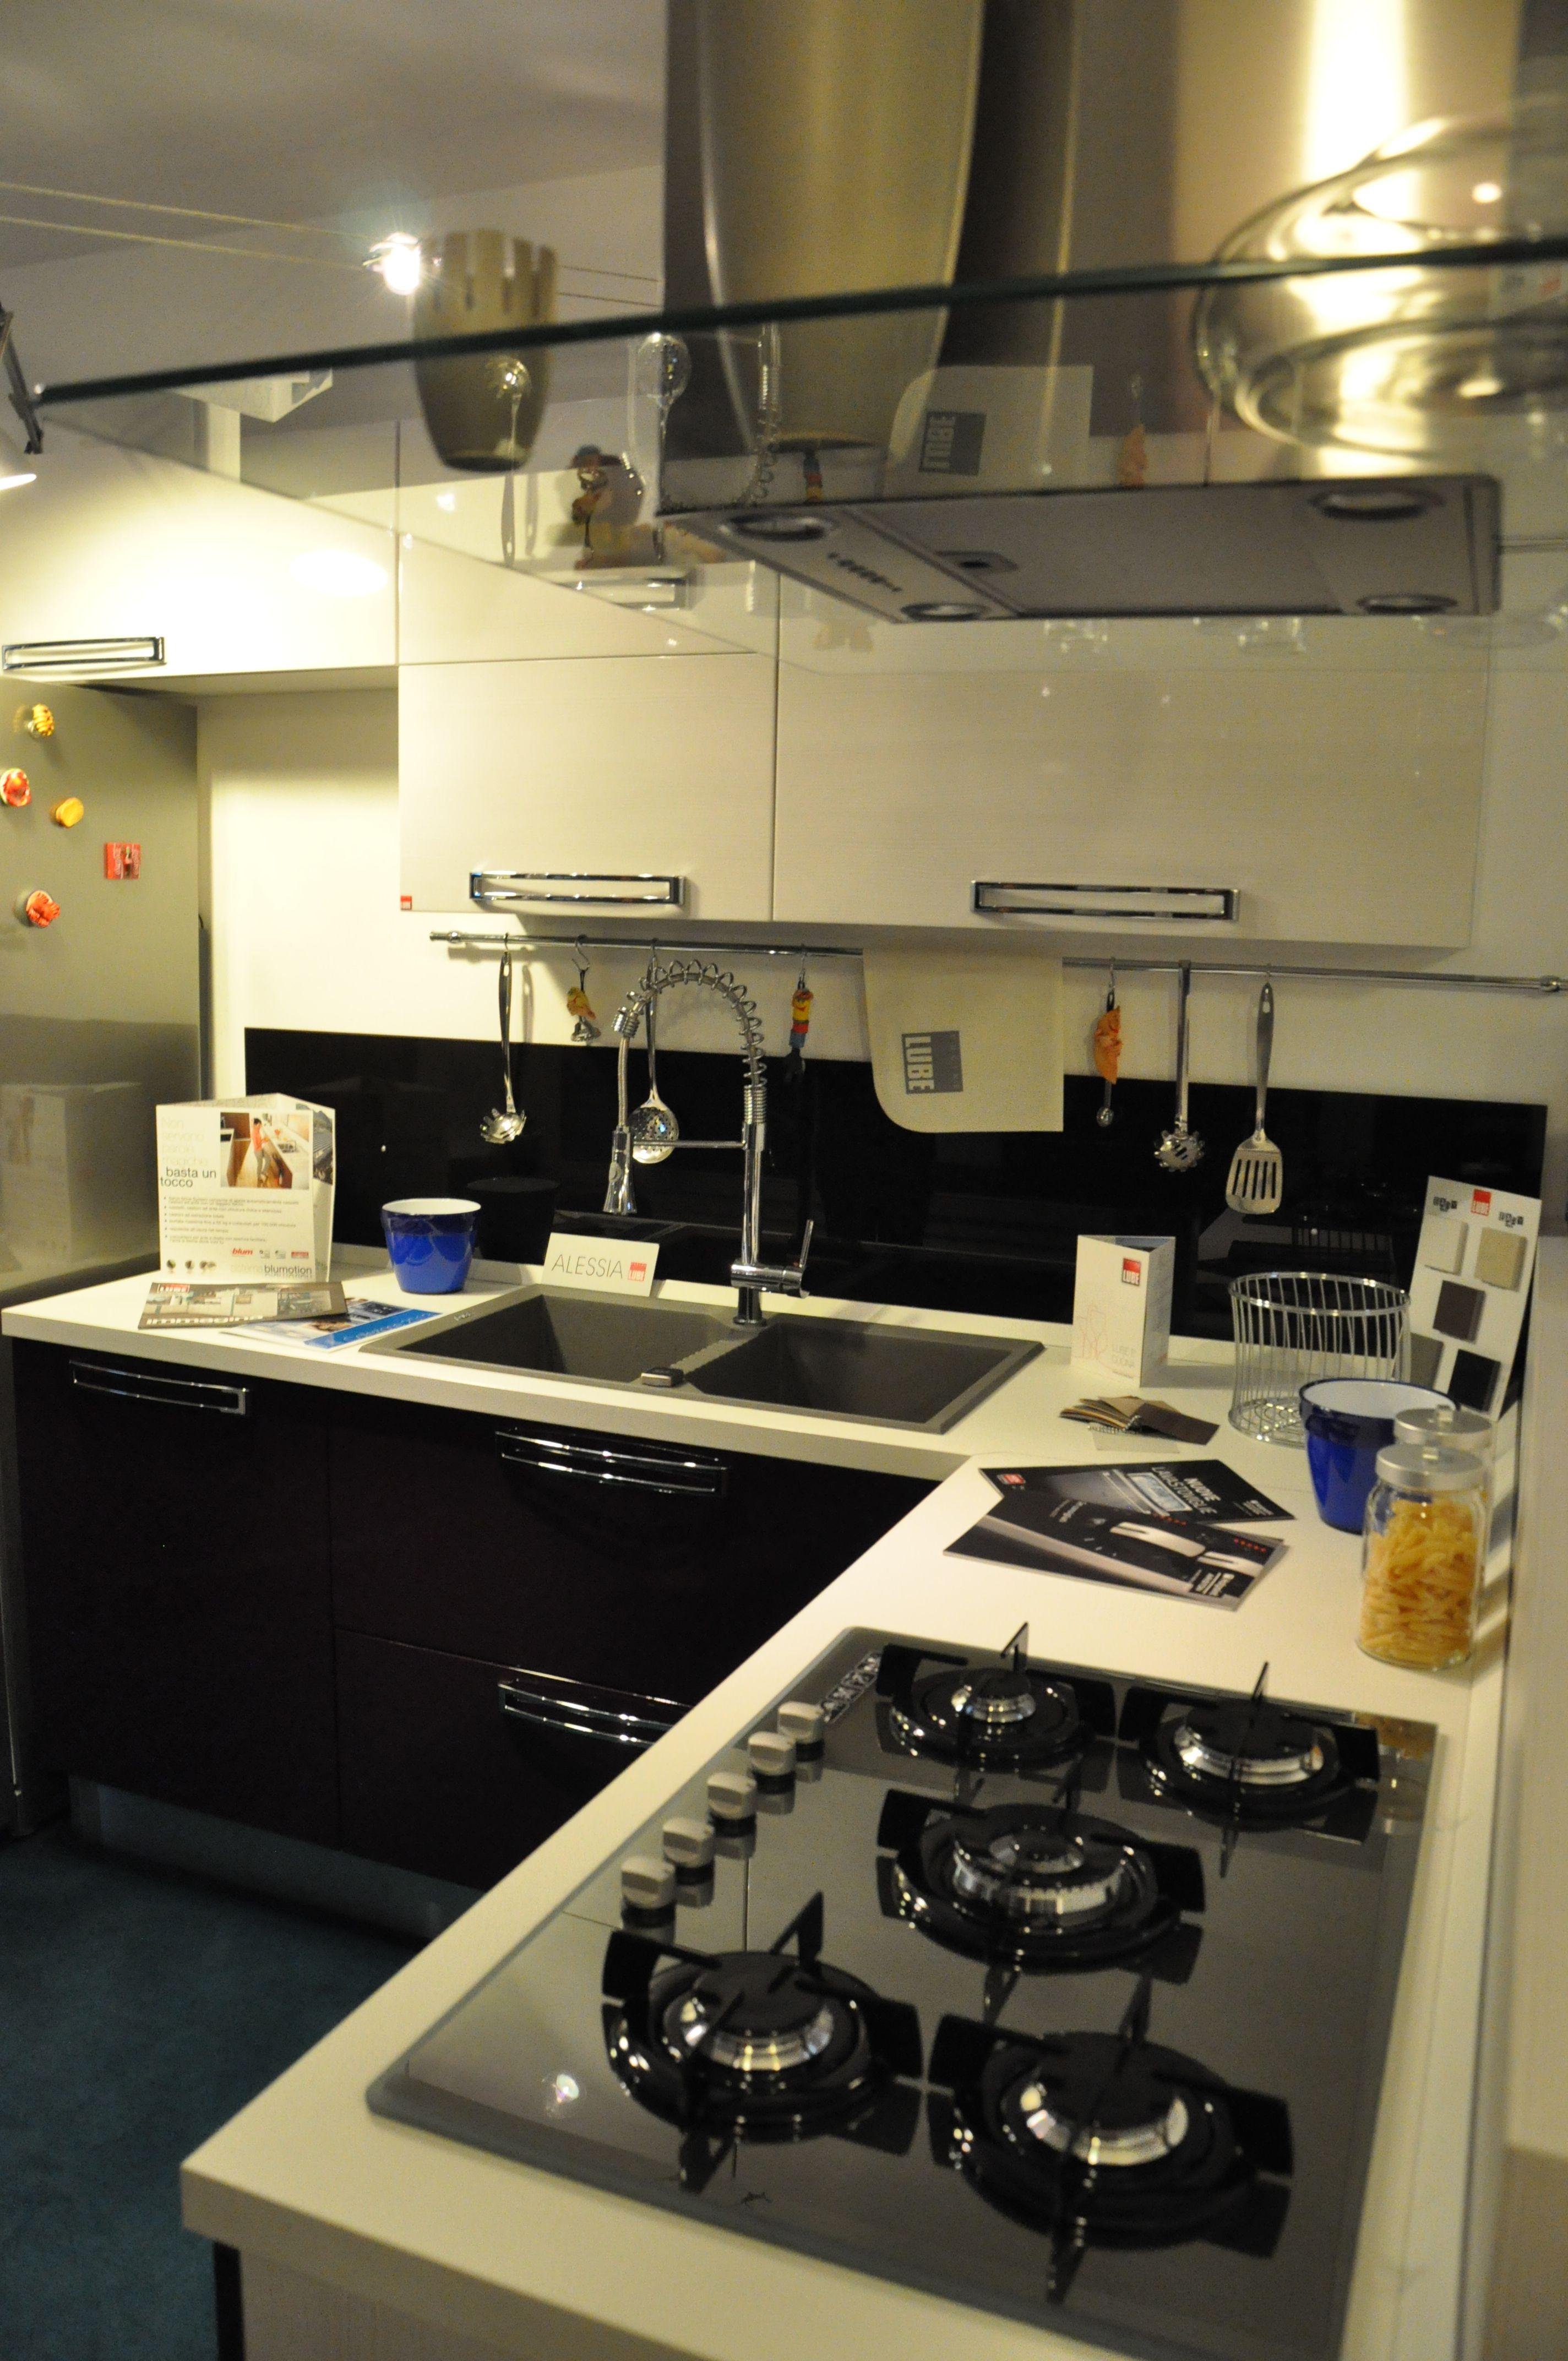 Alessia - #cucine #Lube #torino   Il negozio   Pinterest   Cucine ...